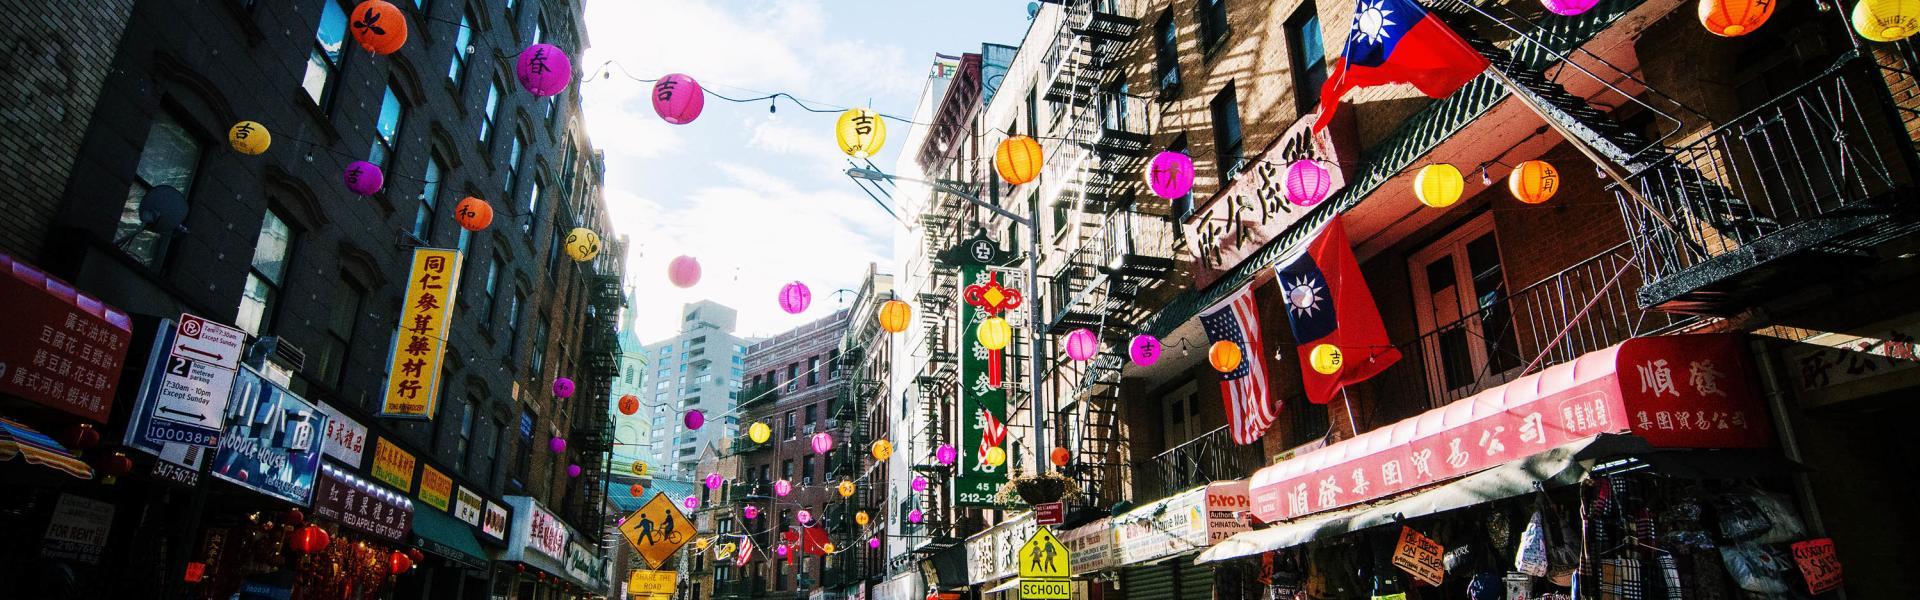 Send Chinatown Love